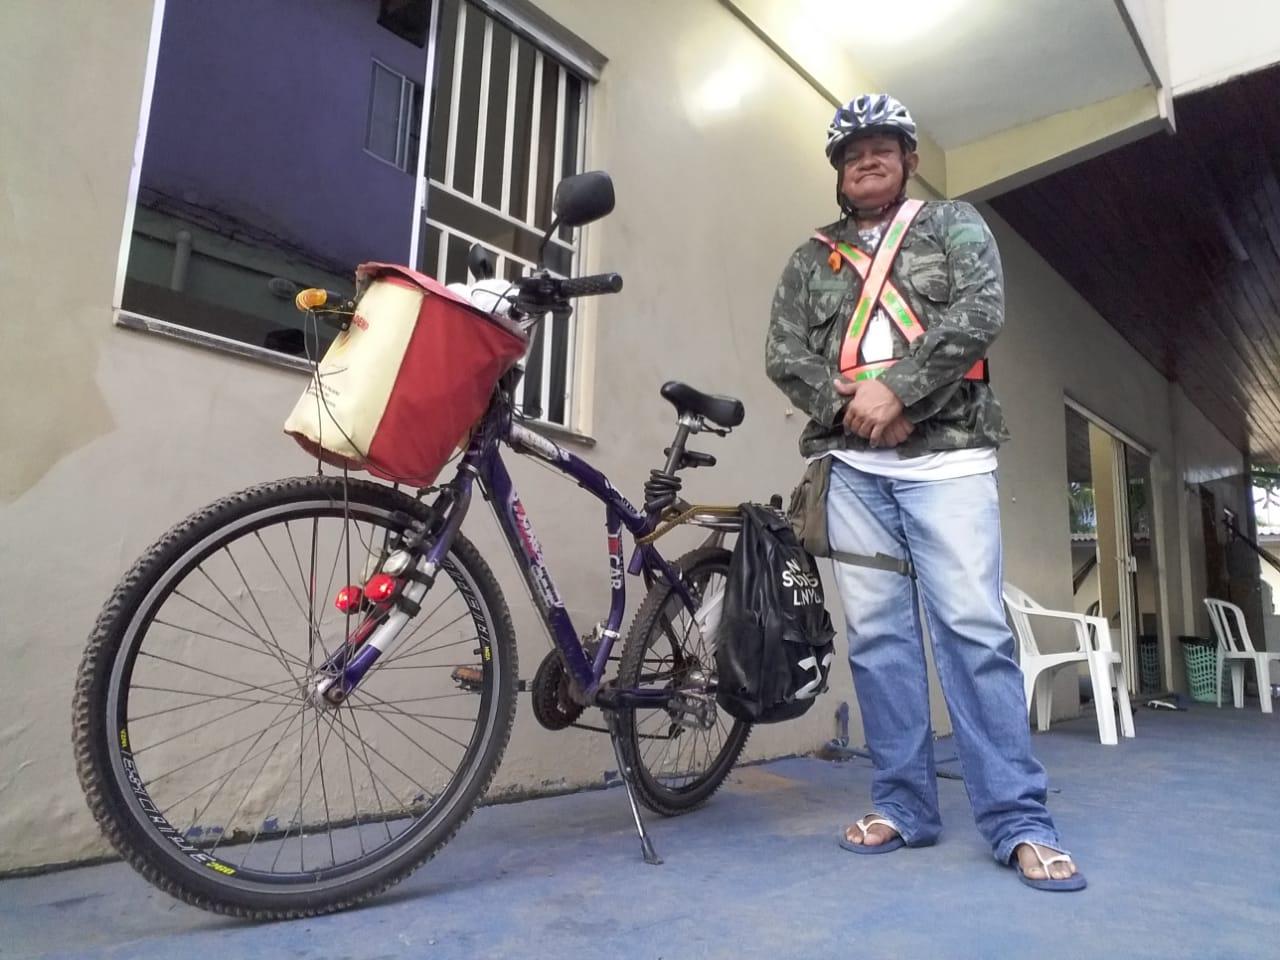 Missionário ciclista pede ajuda para comprar bicicleta nova